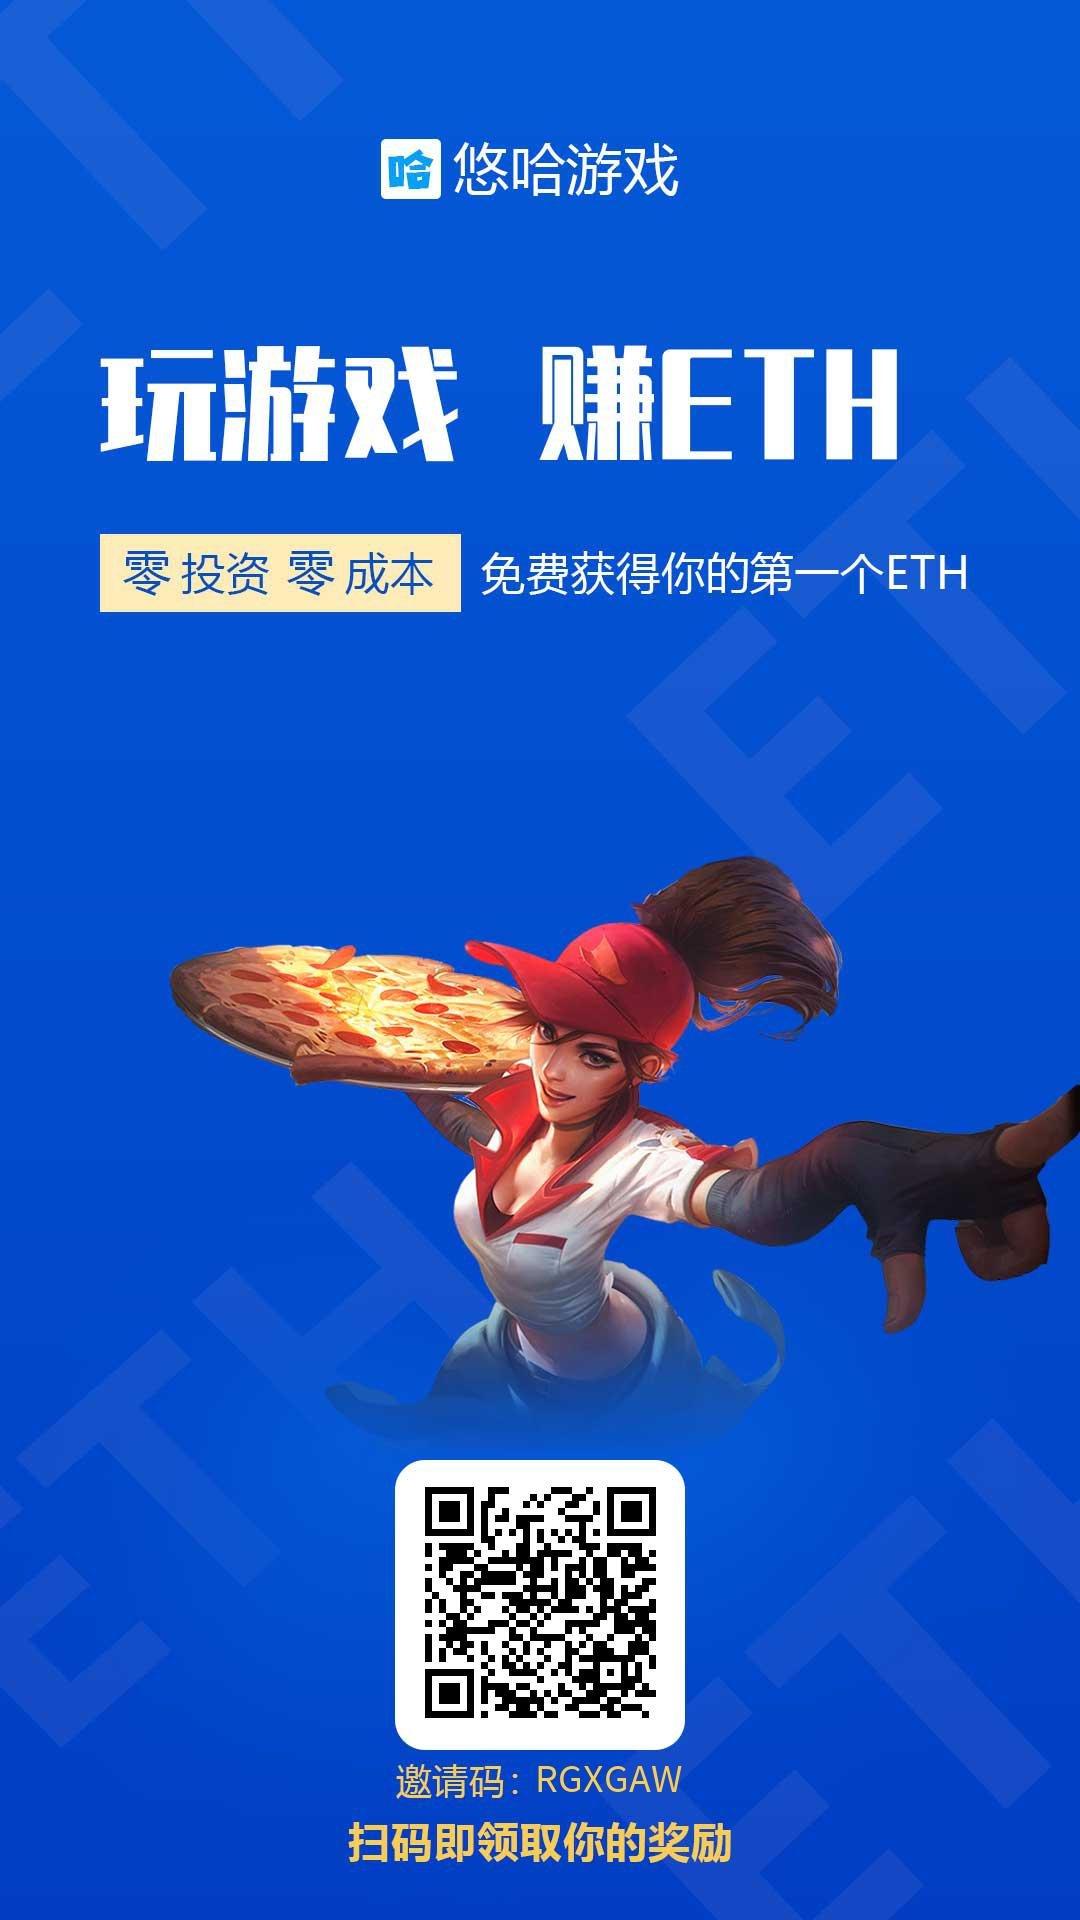 悠哈游戏-正在空投糖果中,视频游戏模式,邀请送YOC,每日登录释放,持币分红模式